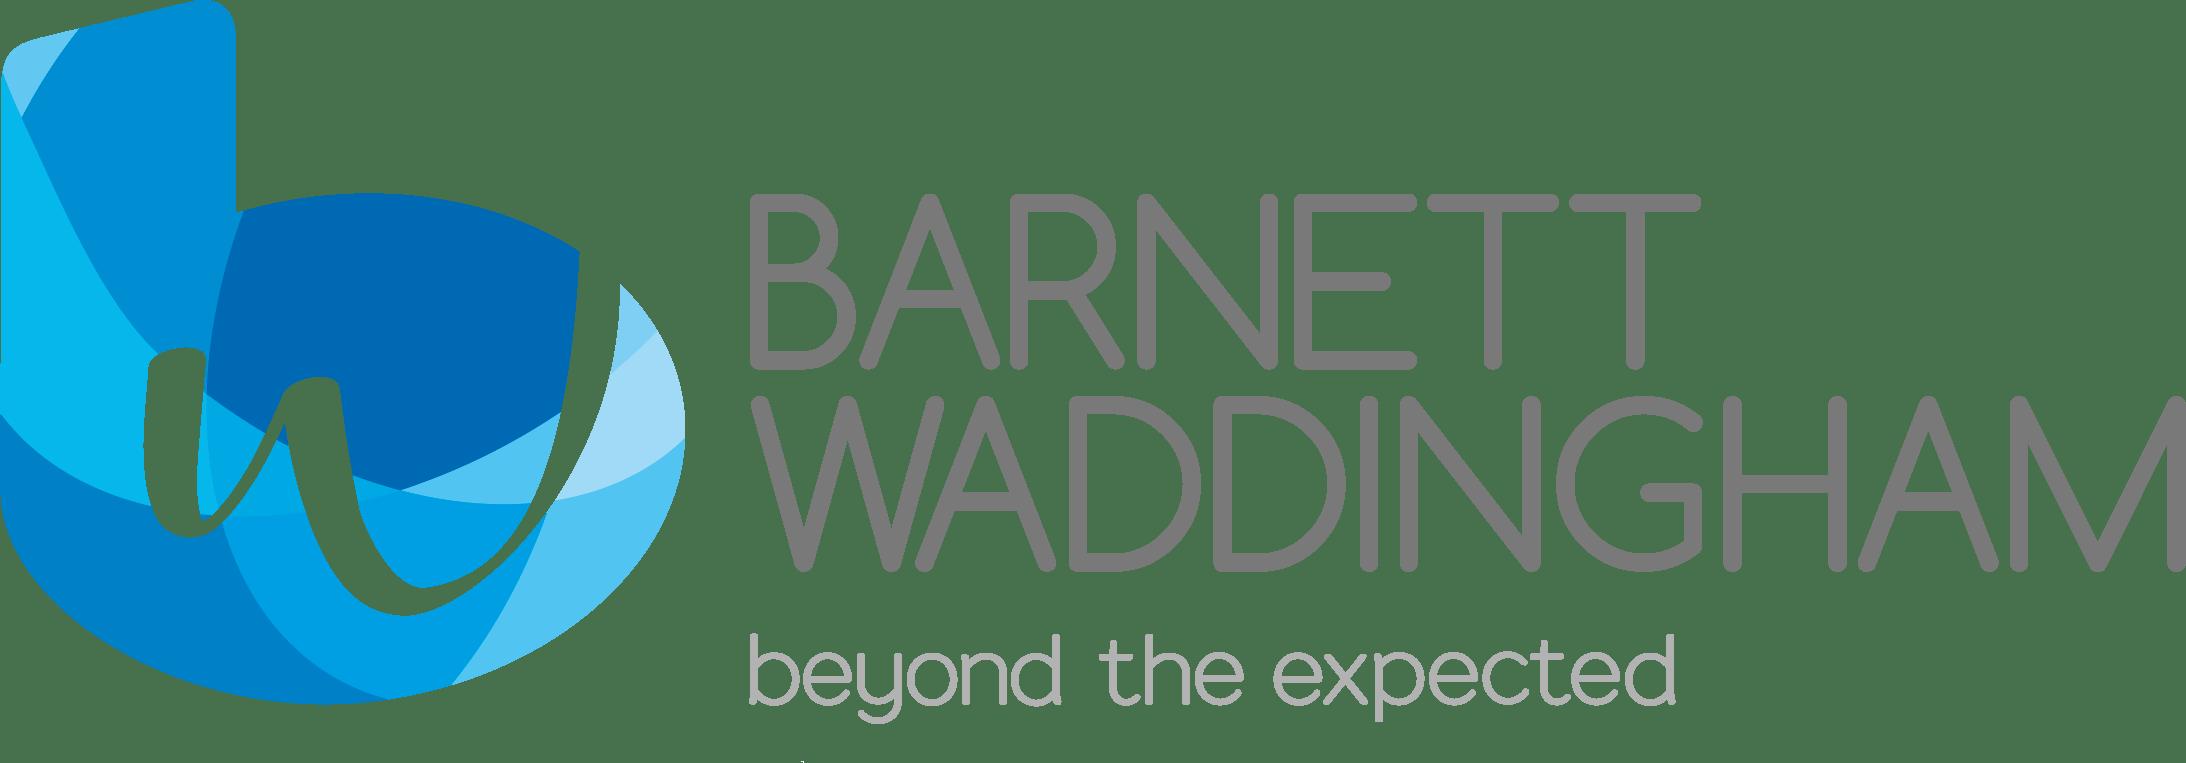 Barnett-Waddingham- Samantha Sykes Foundation Sponsors